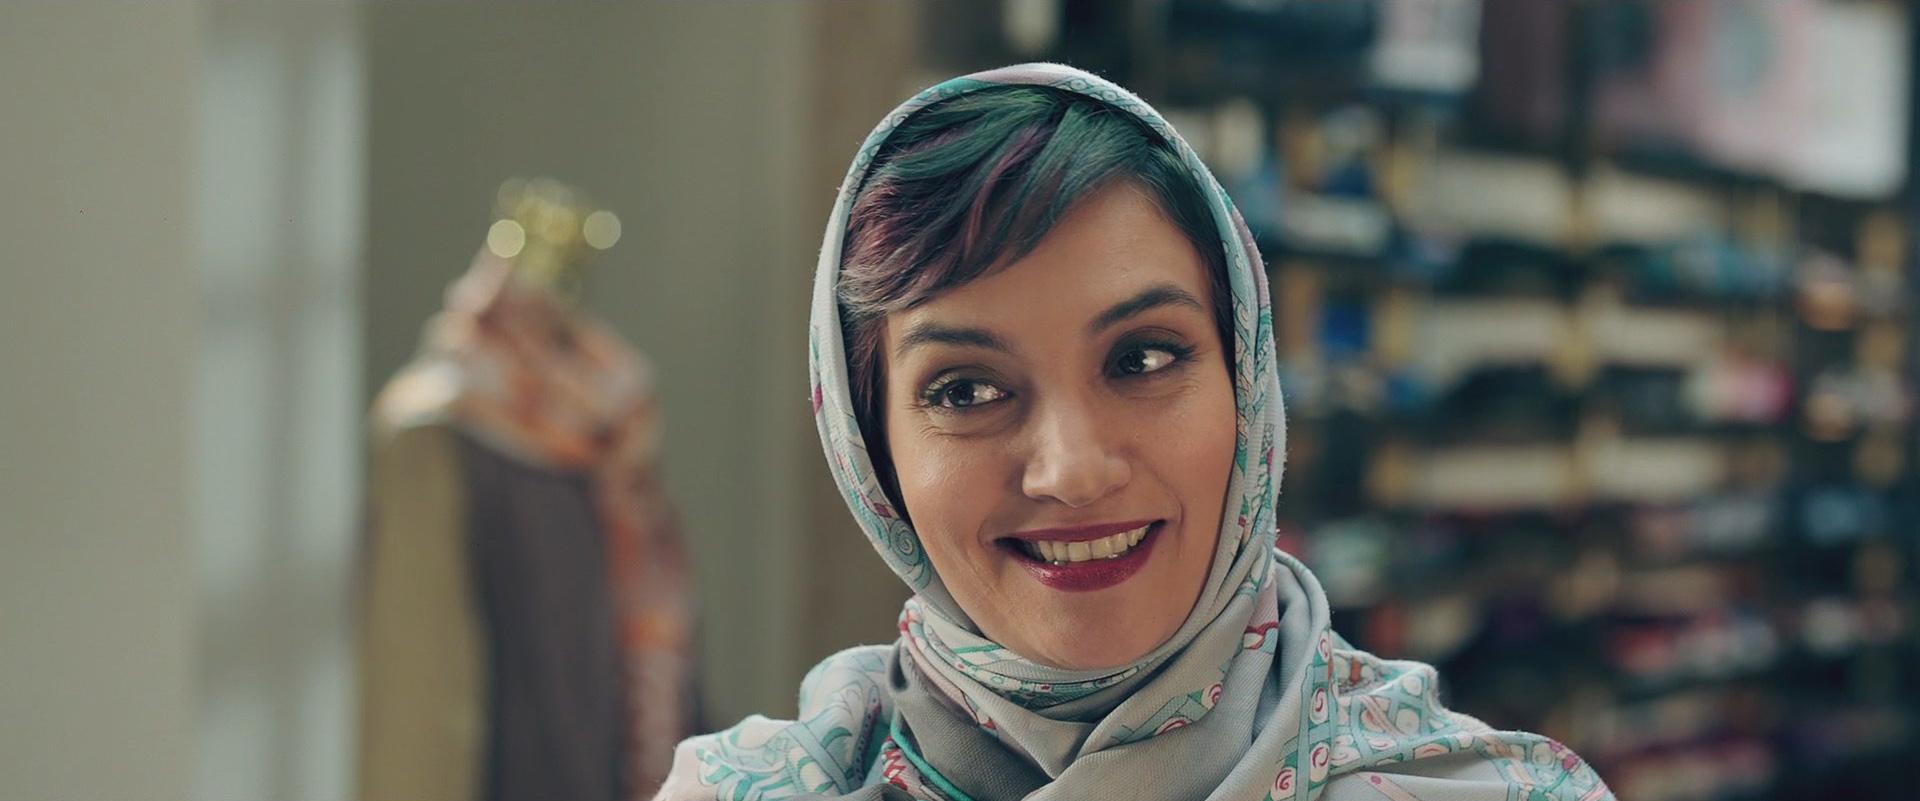 هنرنمایی میترا حجار در نقش لیلی